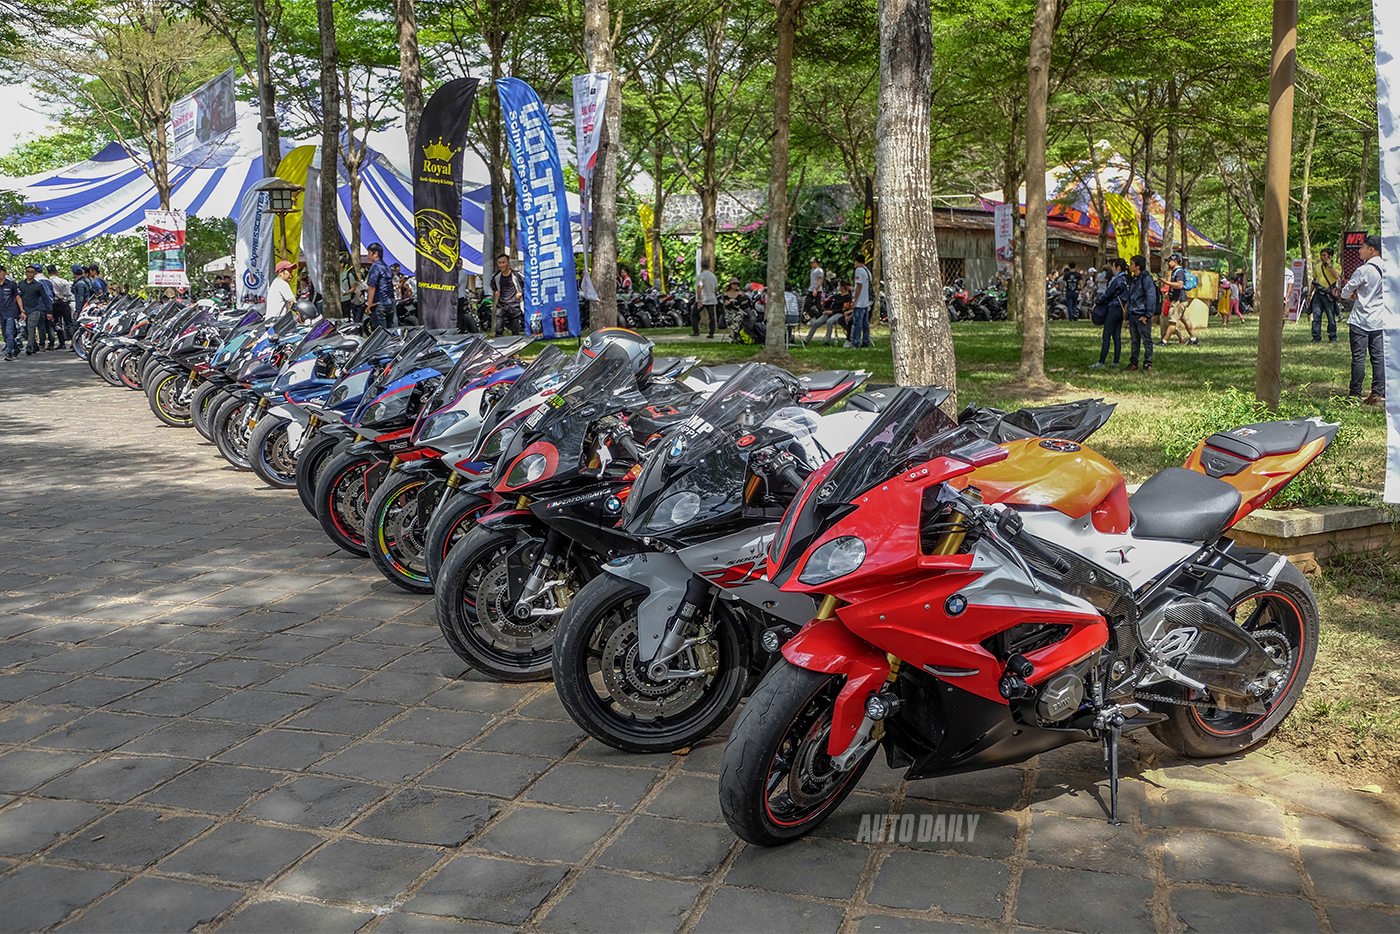 vietnam-motor-festival-2018-4.jpg